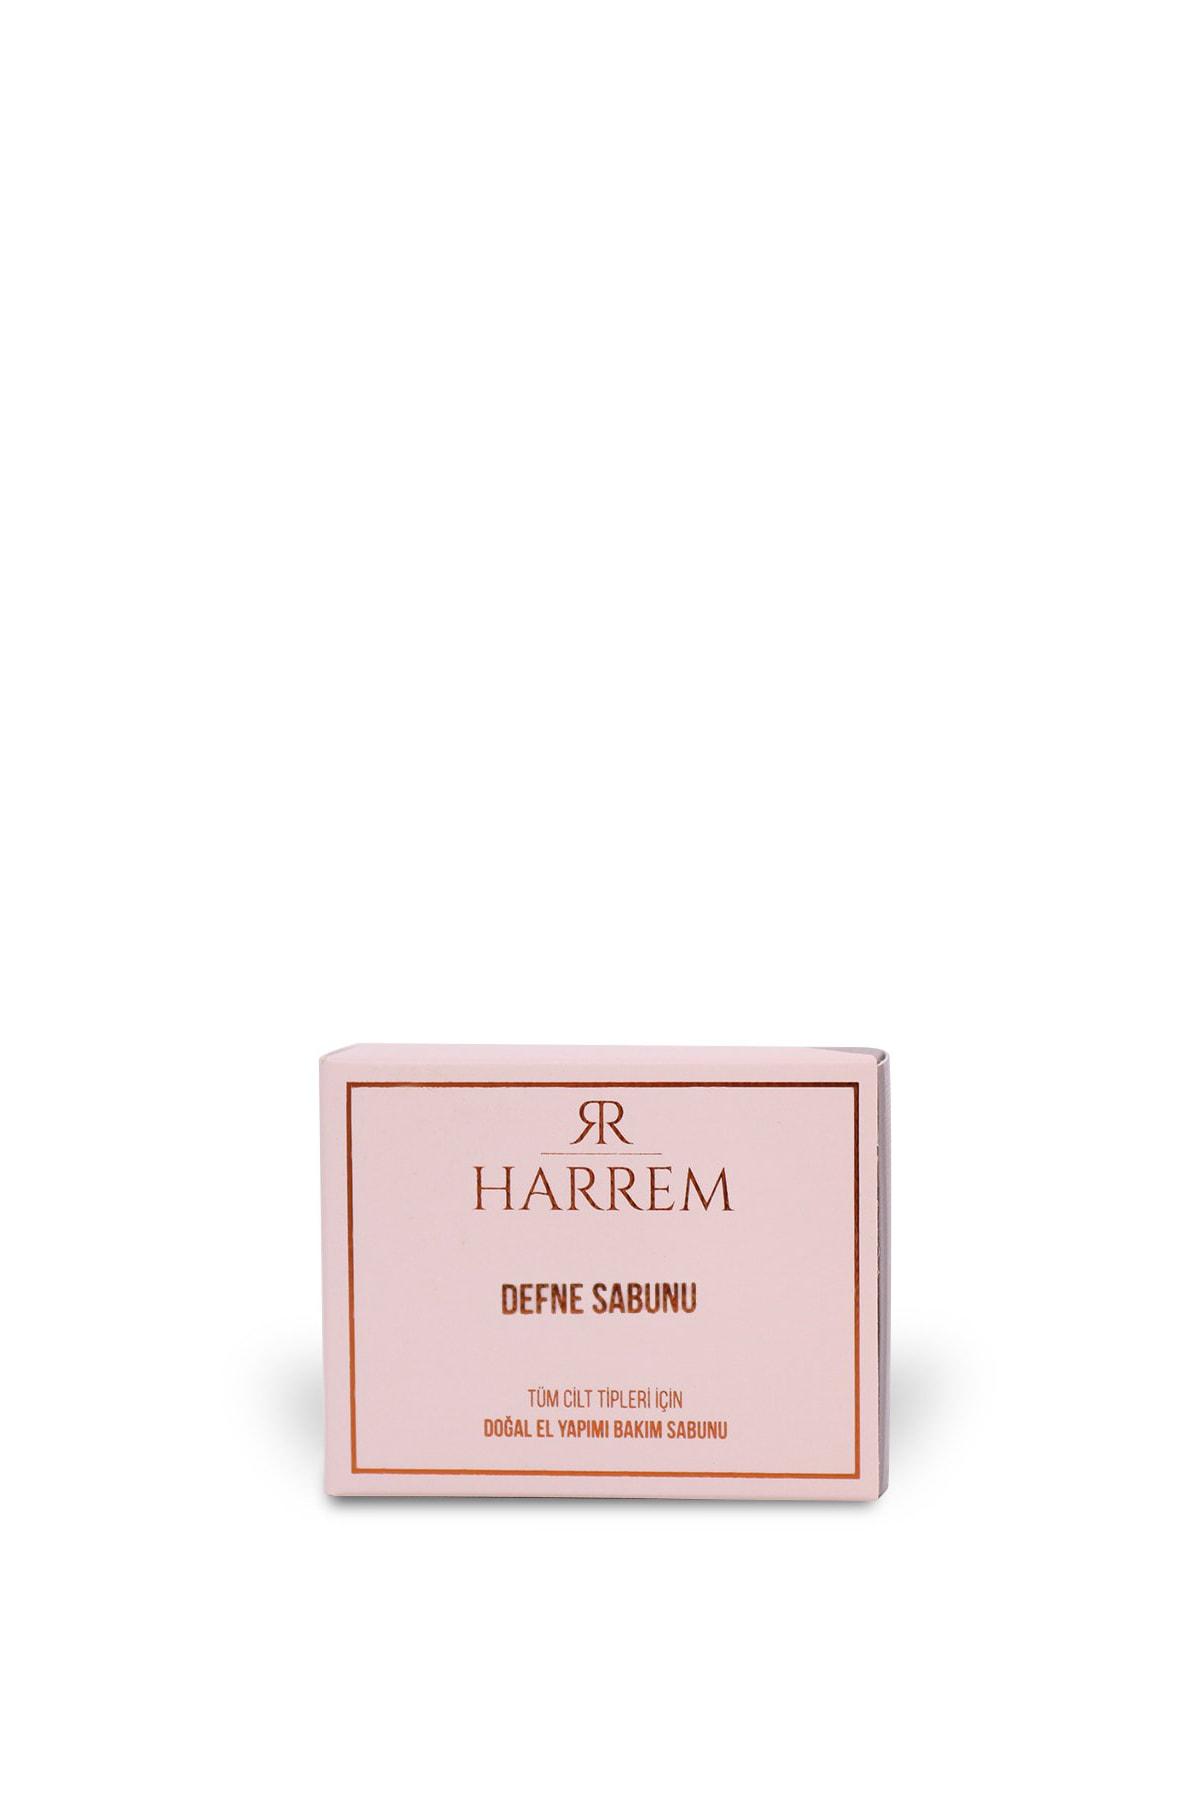 Nilhan Sultan Defne Sabunu Cilt Besleyici Saç Dökülmesi Saç Kepeği Karşıtı Bitkisel 1